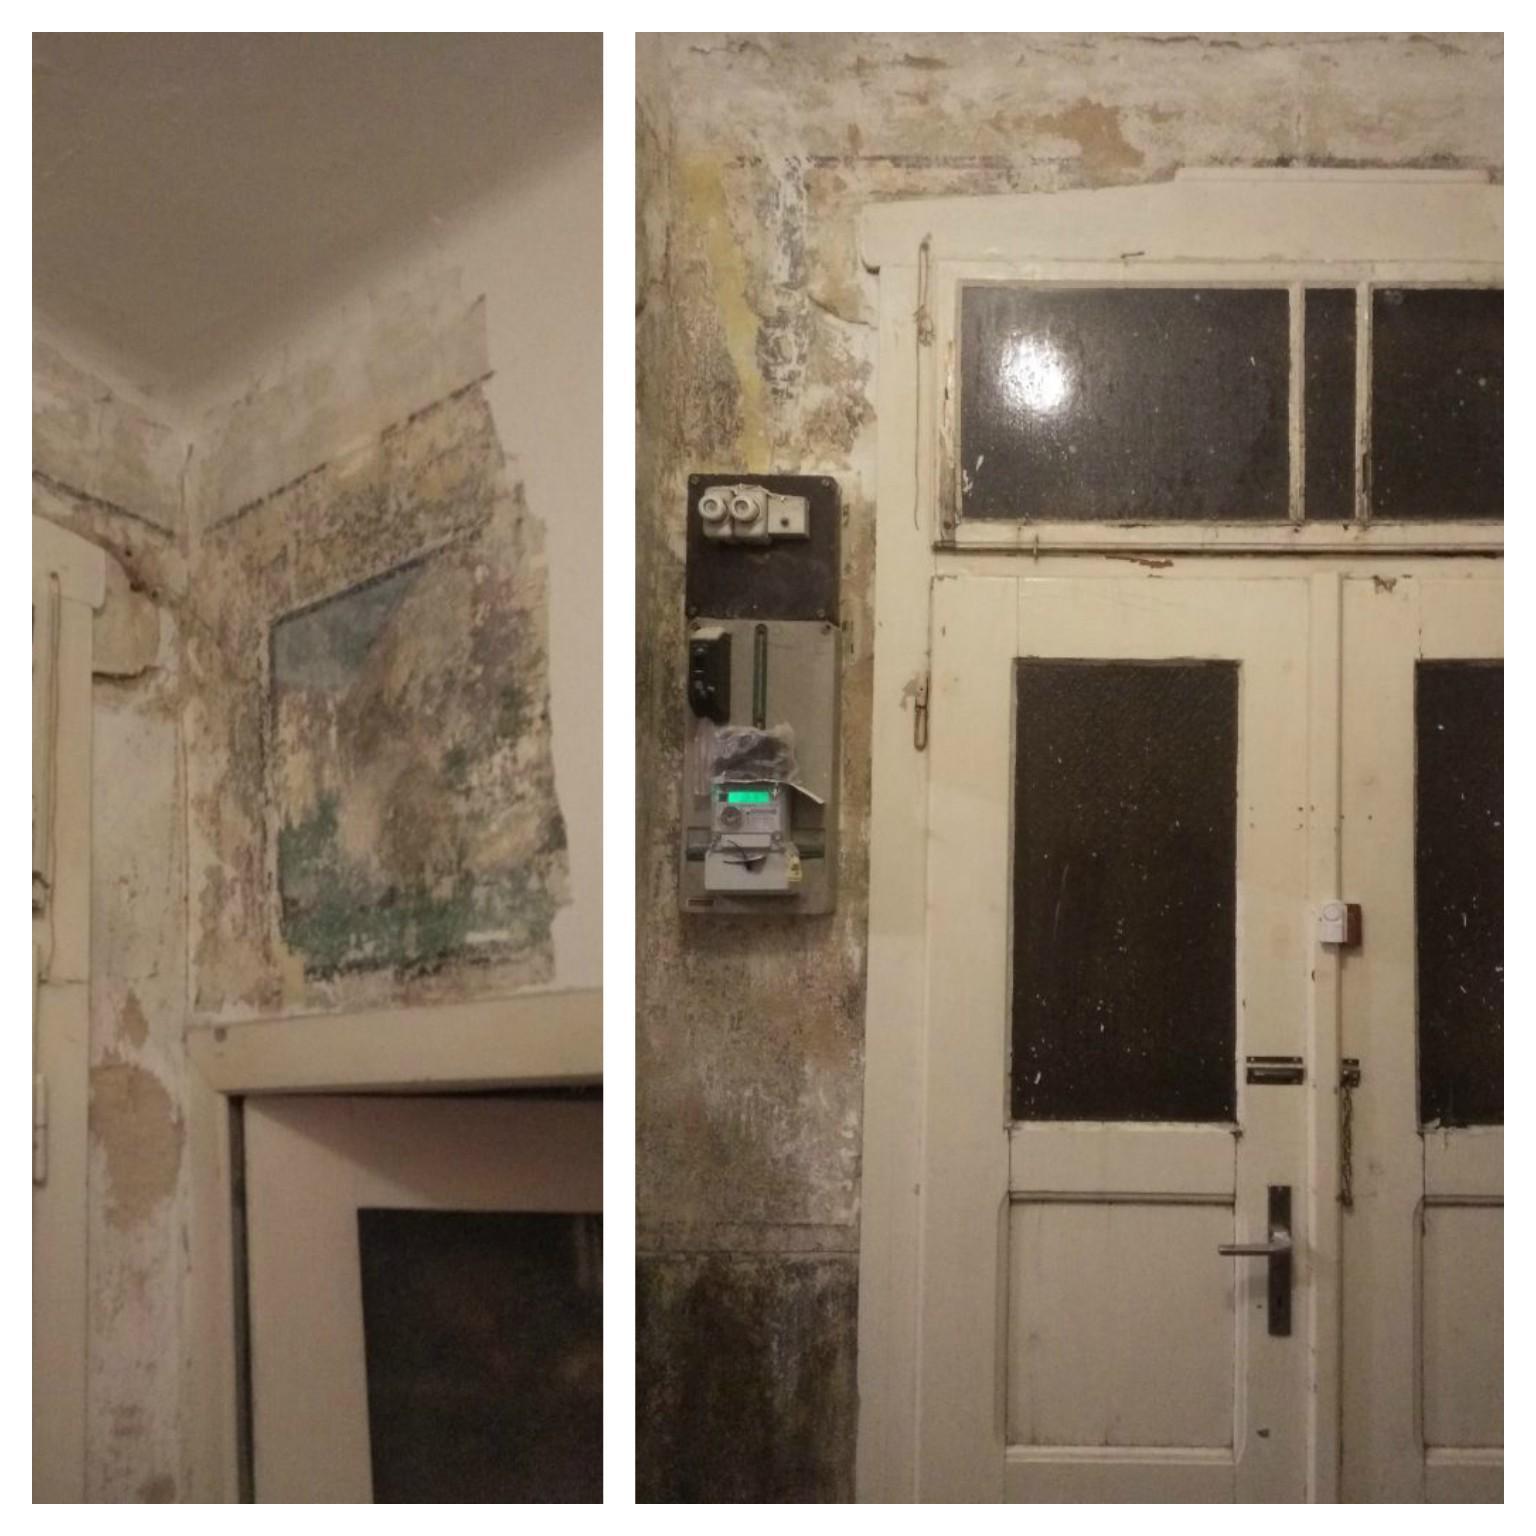 Náš boj - Tak sme sa dnes večer pustili do škrabania chodby :) dali sme dolu plesnivy náter, pod ním sme priamo na stenách našli nejaké obrazy, som zvedavá čo tam bude ďalej..